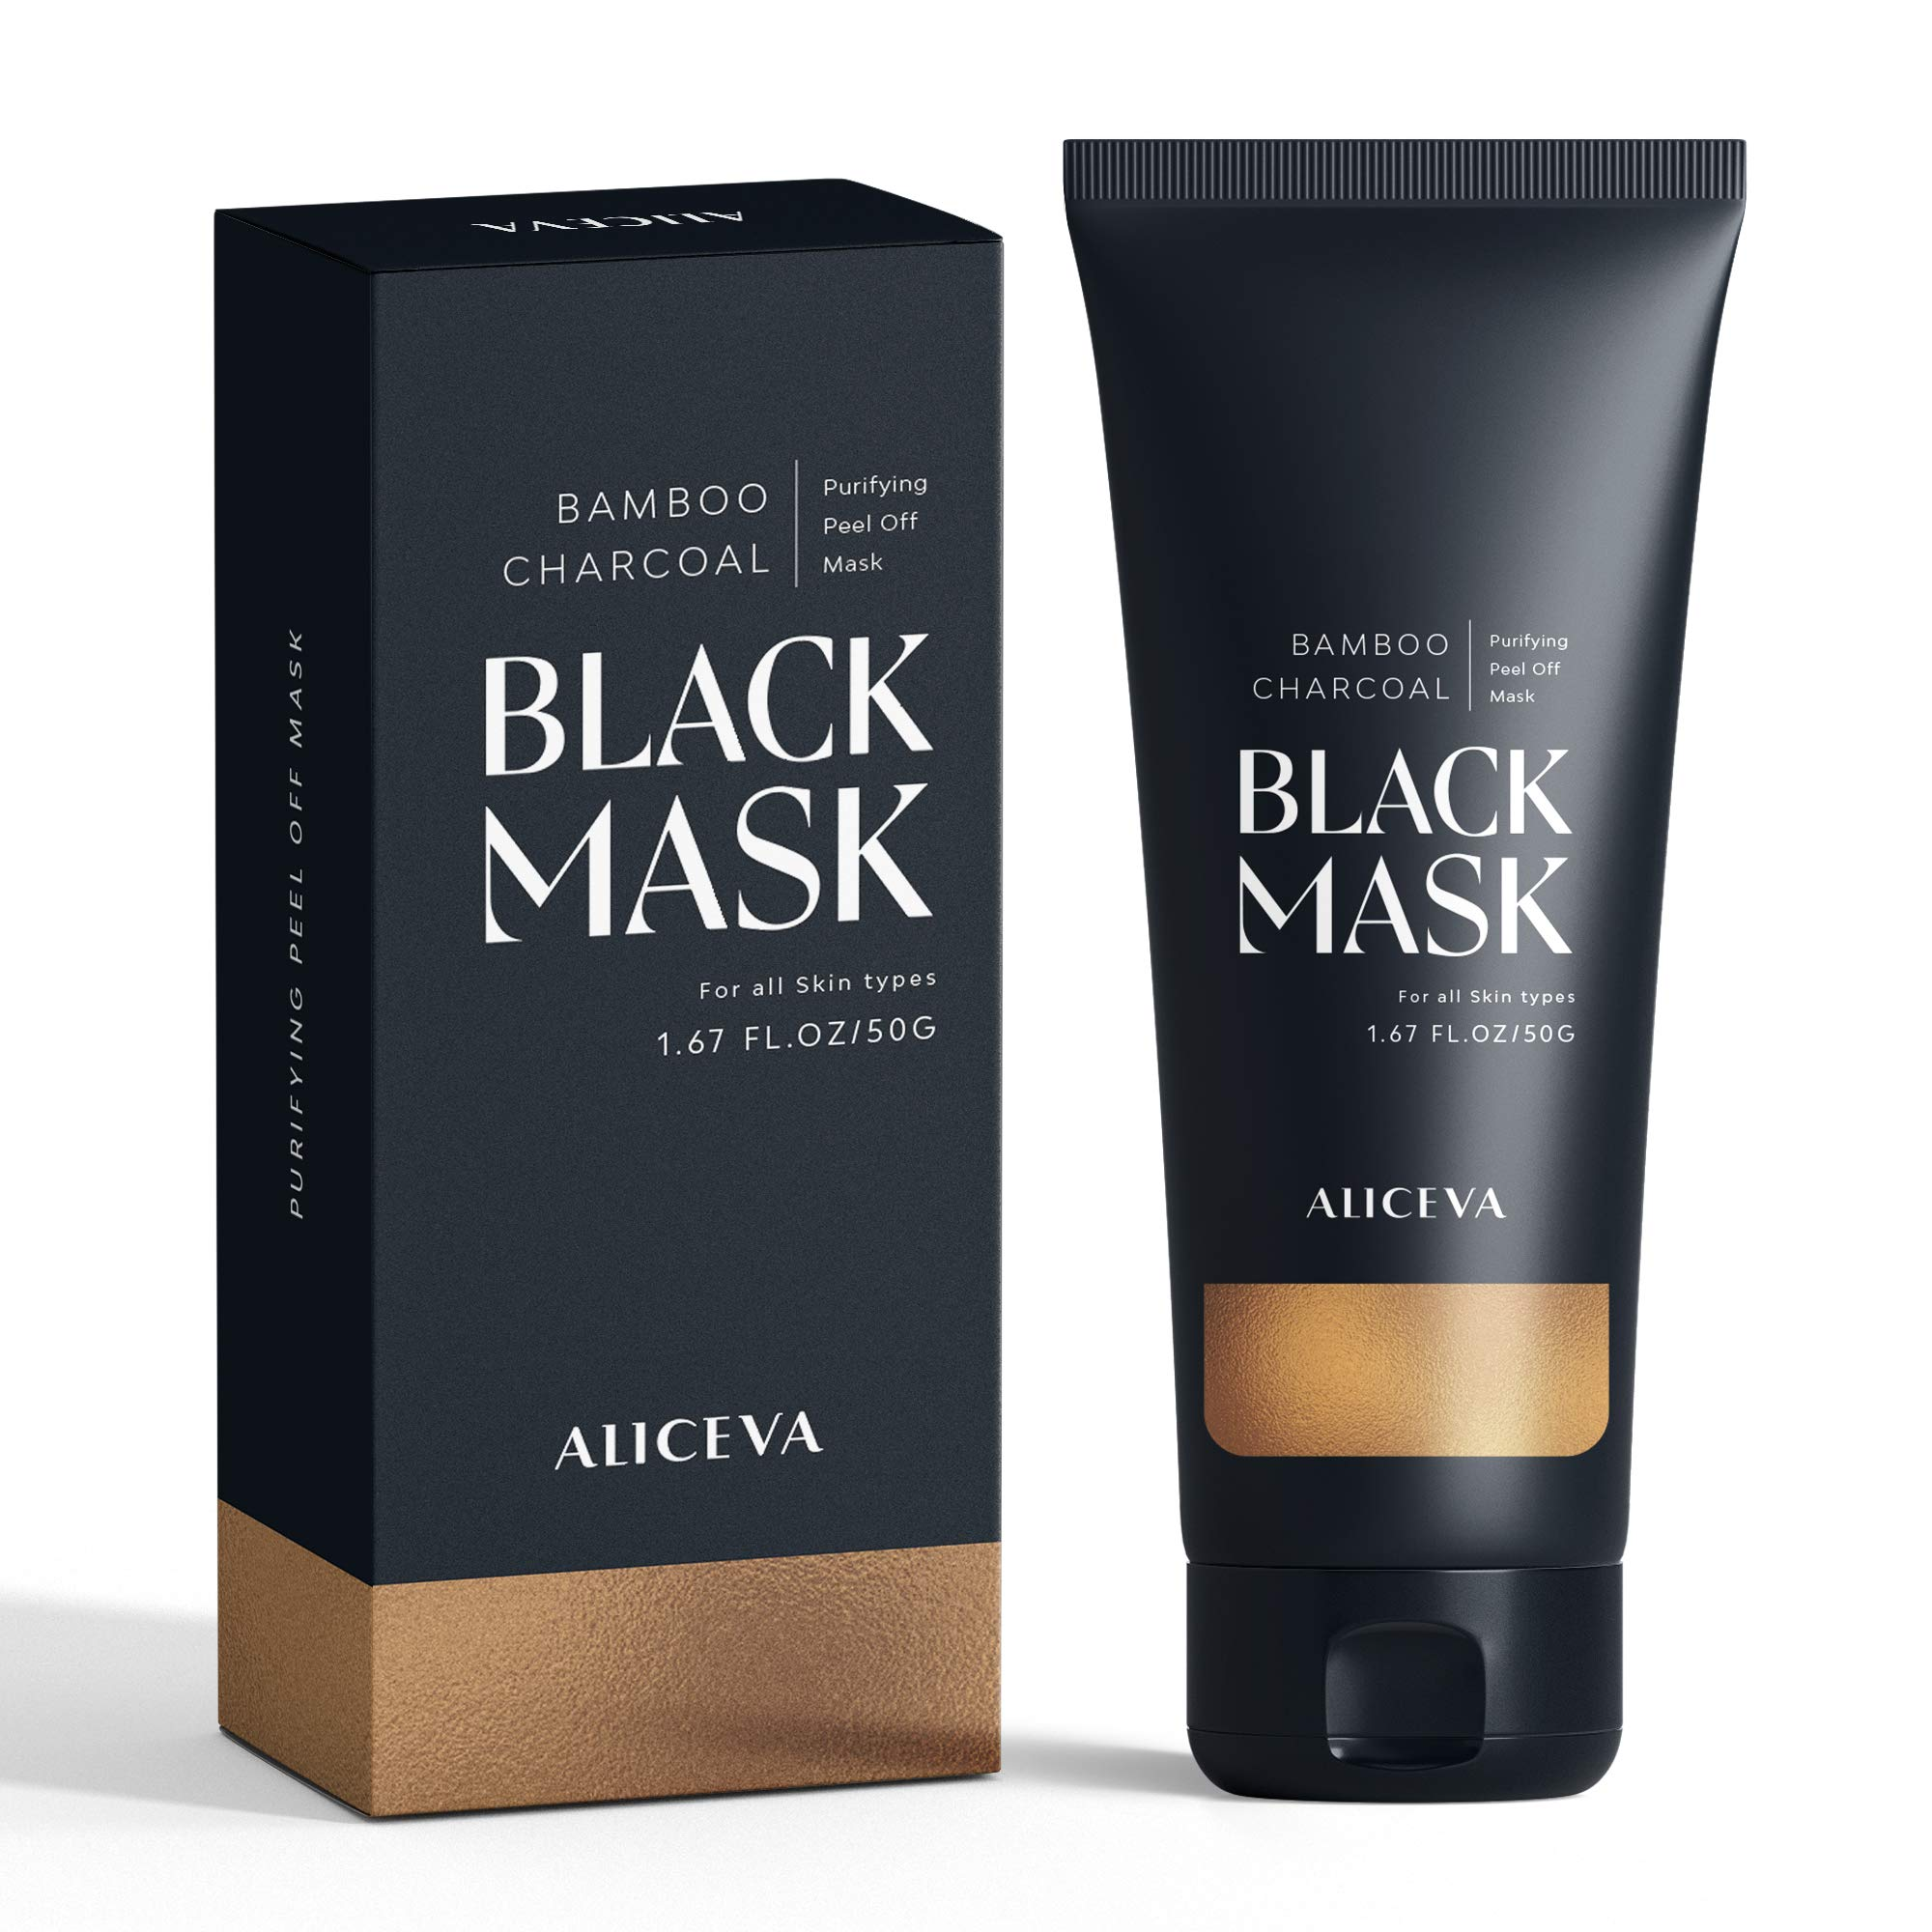 Aliceva Black Mask, Blackhead Remover Mask, Charcoal Peel Off Mask, Charcoal Mask, Charcoal Face Mask for All Skin Types with Brush - 50 Gram Pack